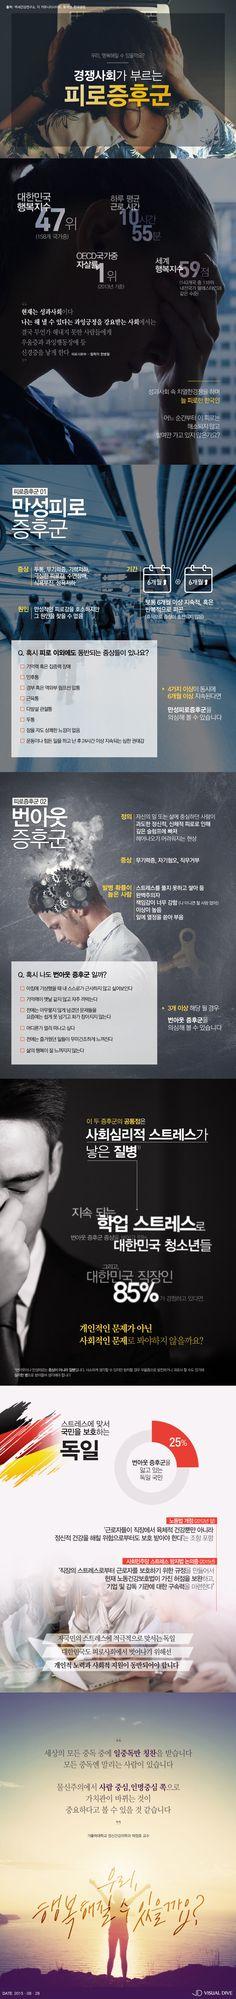 경쟁사회에 지친 당신도 '피로증후군'? [인포그래픽] #Stress / #Infographic ⓒ 비주얼다이브 무단 복사·전재·재배포 금지 Ui Ux Design, Layout Design, Graphic Design, Korea Design, Design Reference, Presentation, Stress, Infographics, Lettering